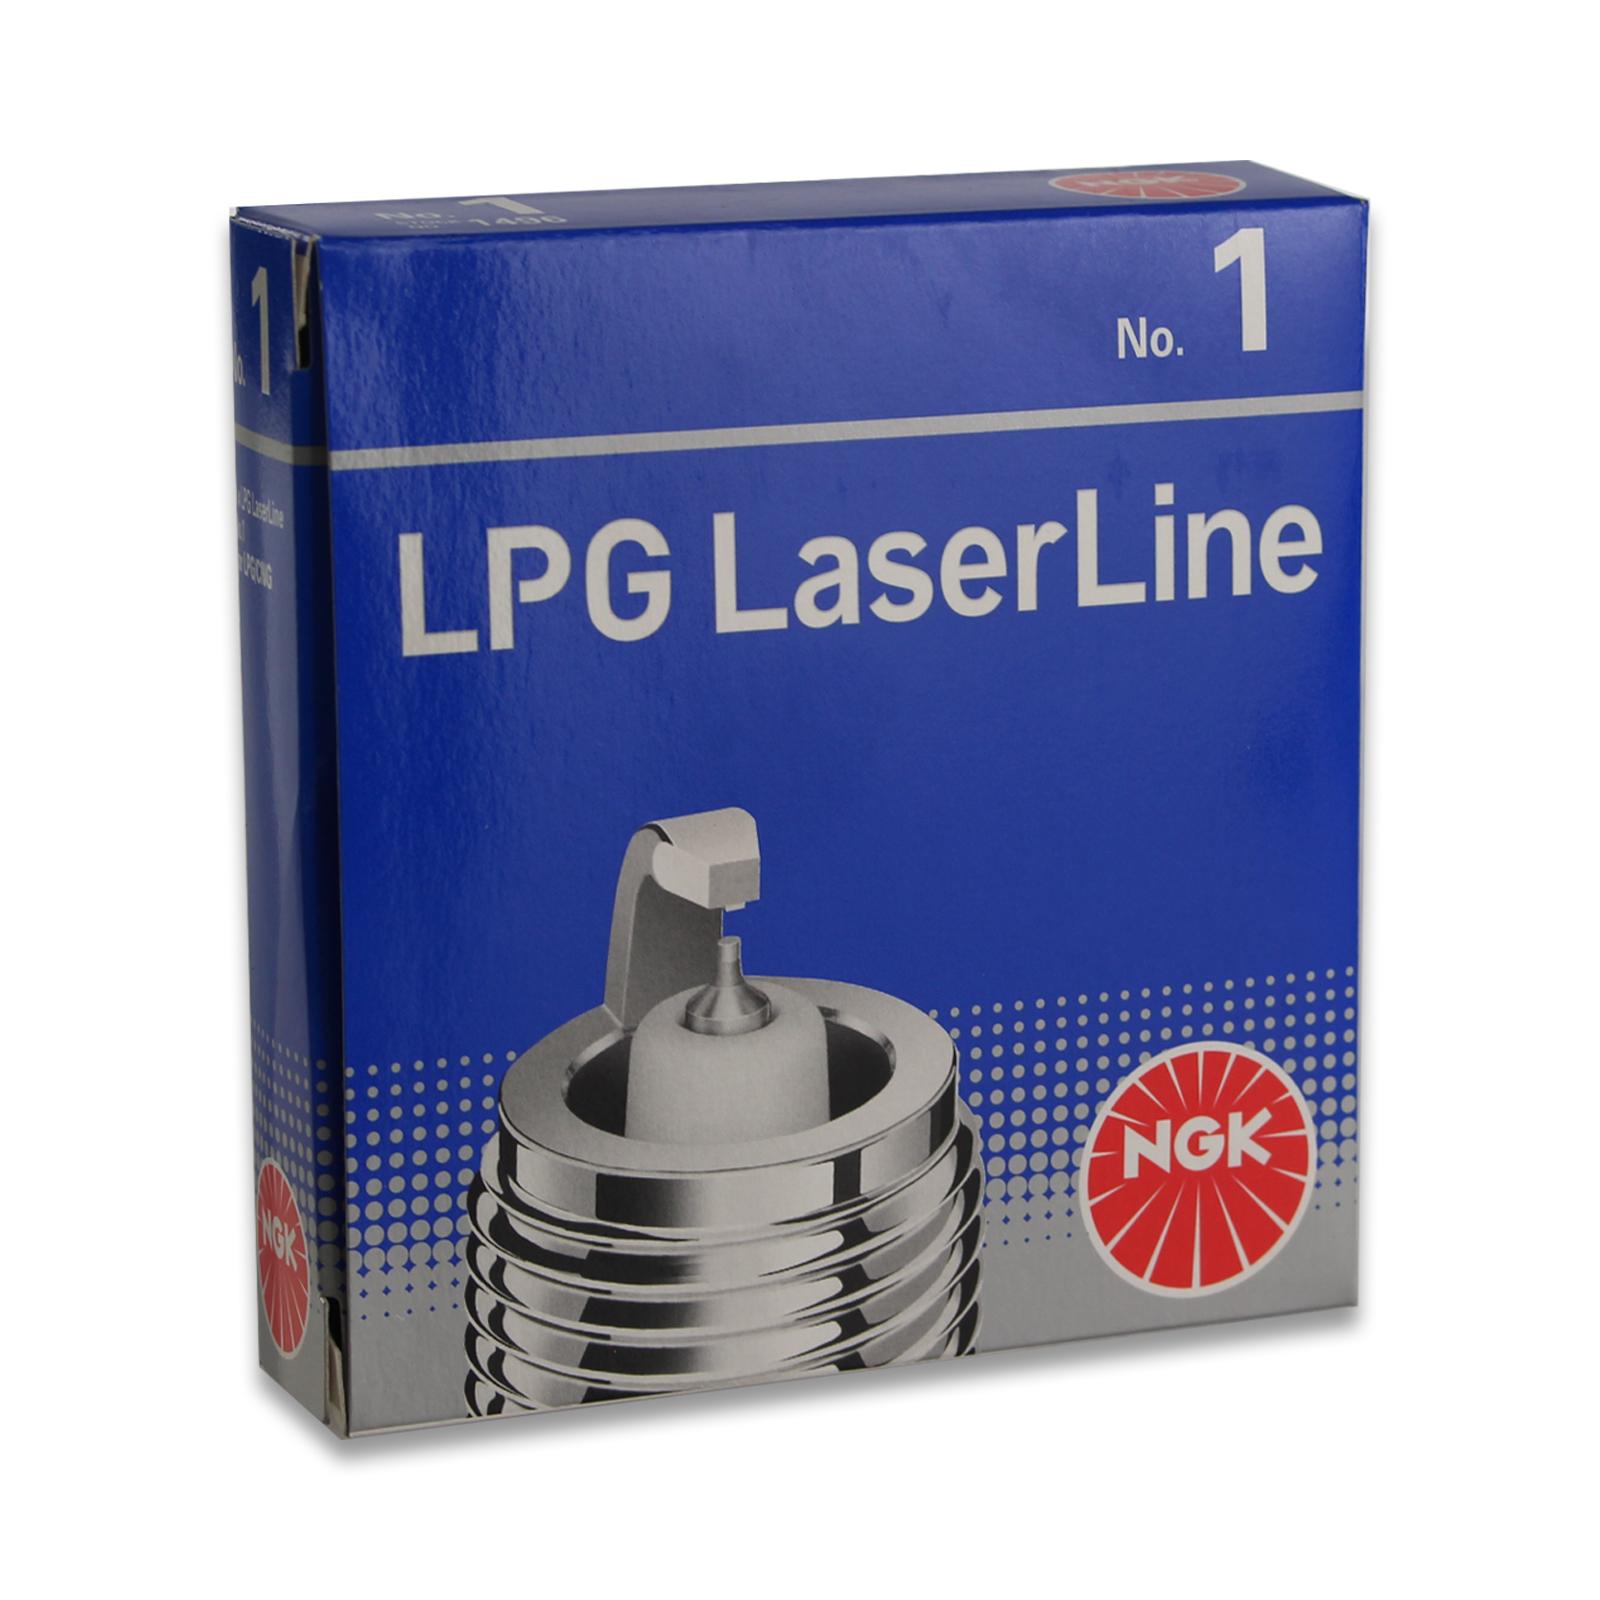 NGK Zündkerze LPG Laser Line 1